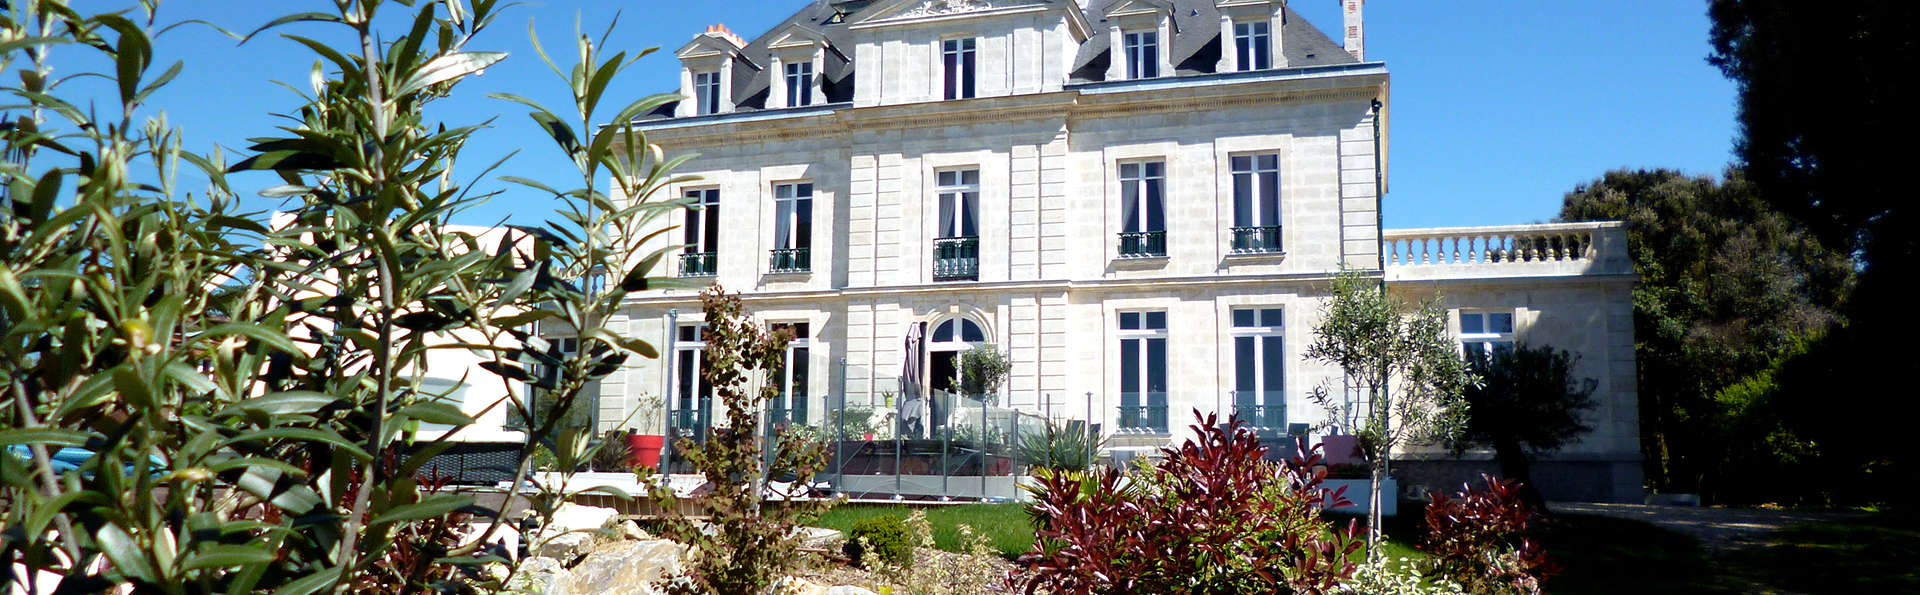 Château de la Gressière - Edit_Front.jpg